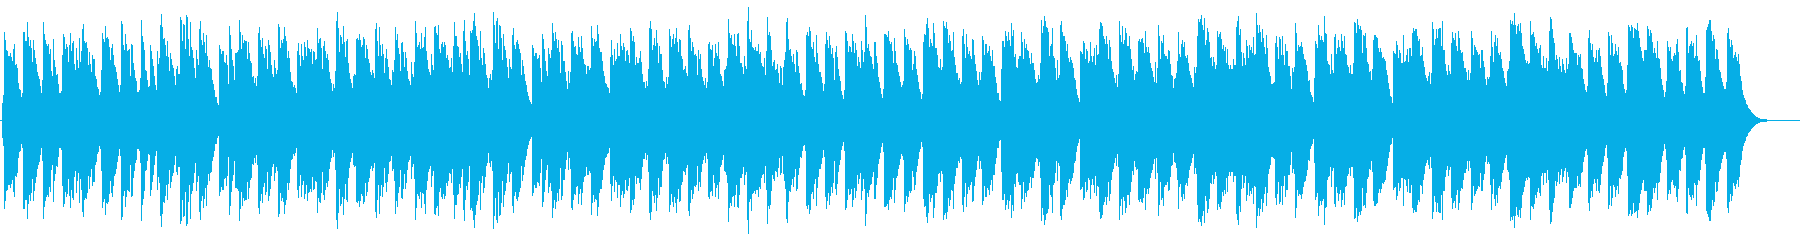 幸せなら手をたたこう オルゴールの再生済みの波形